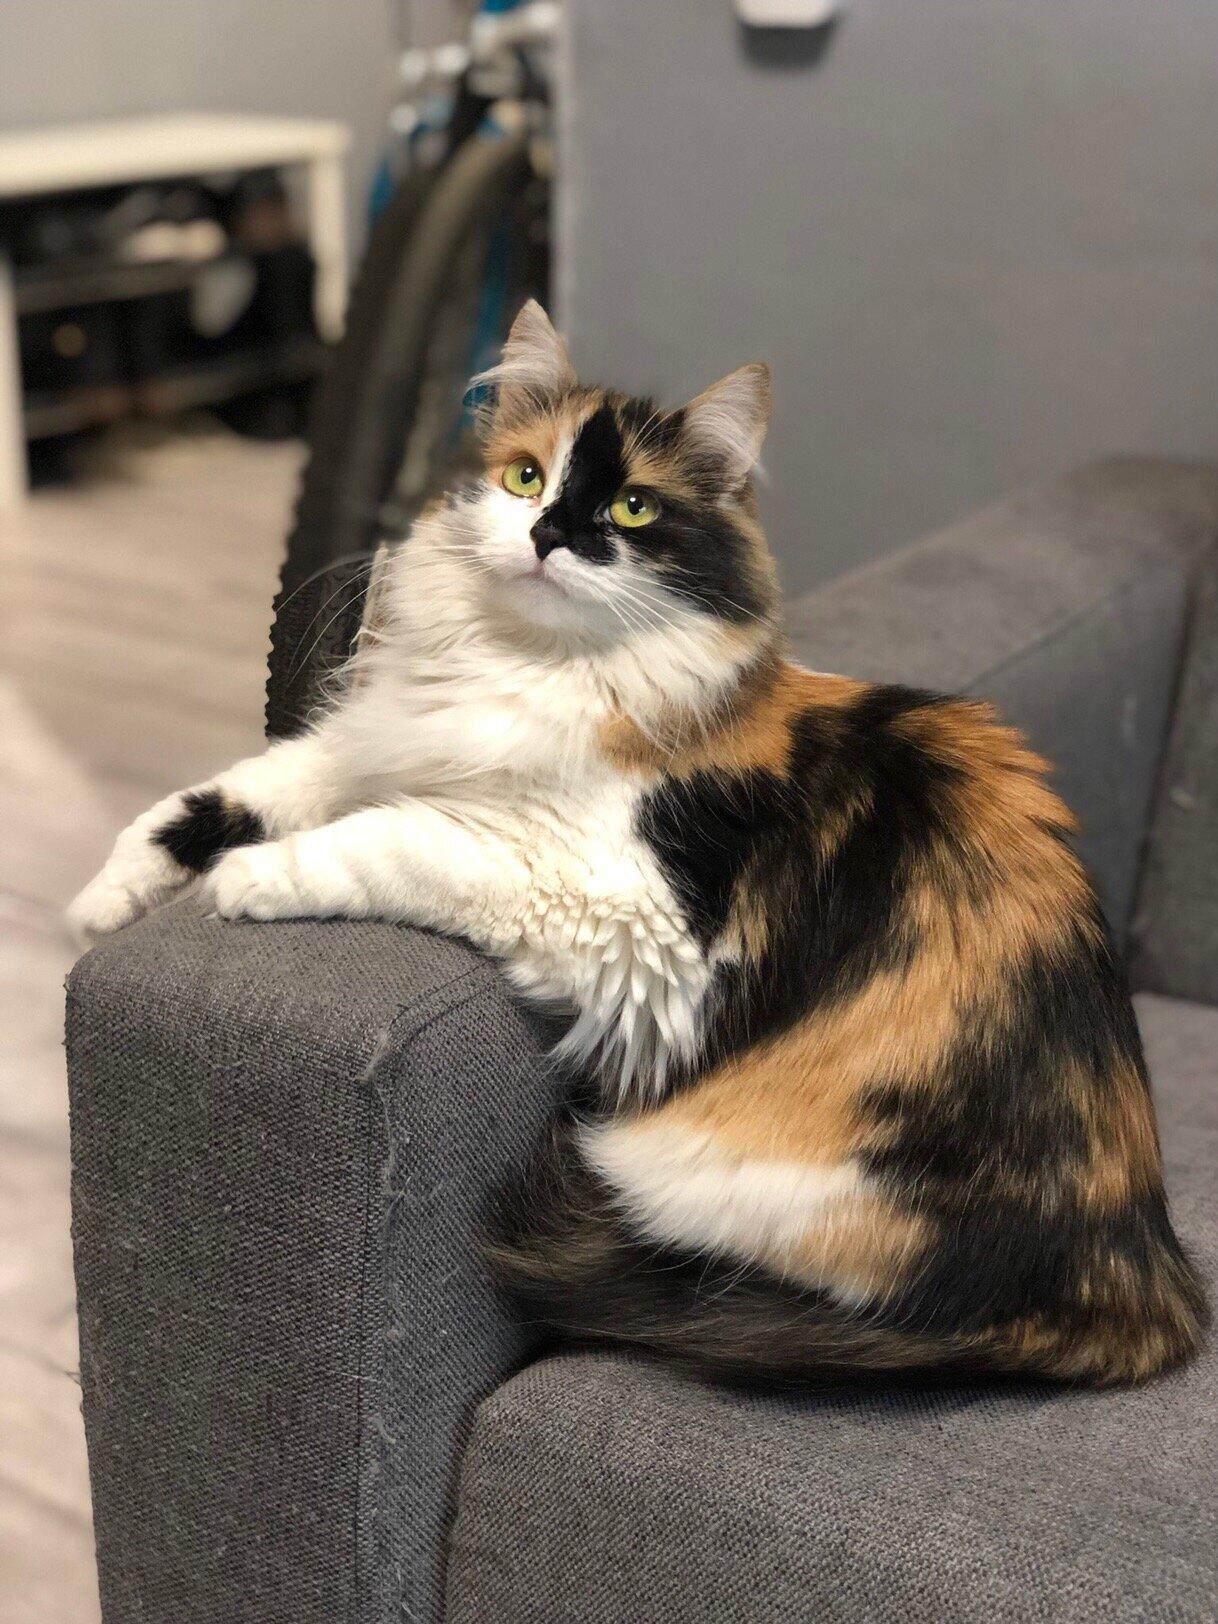 Как трехцветная кошка влияет на энерегетику дома в котором она живет